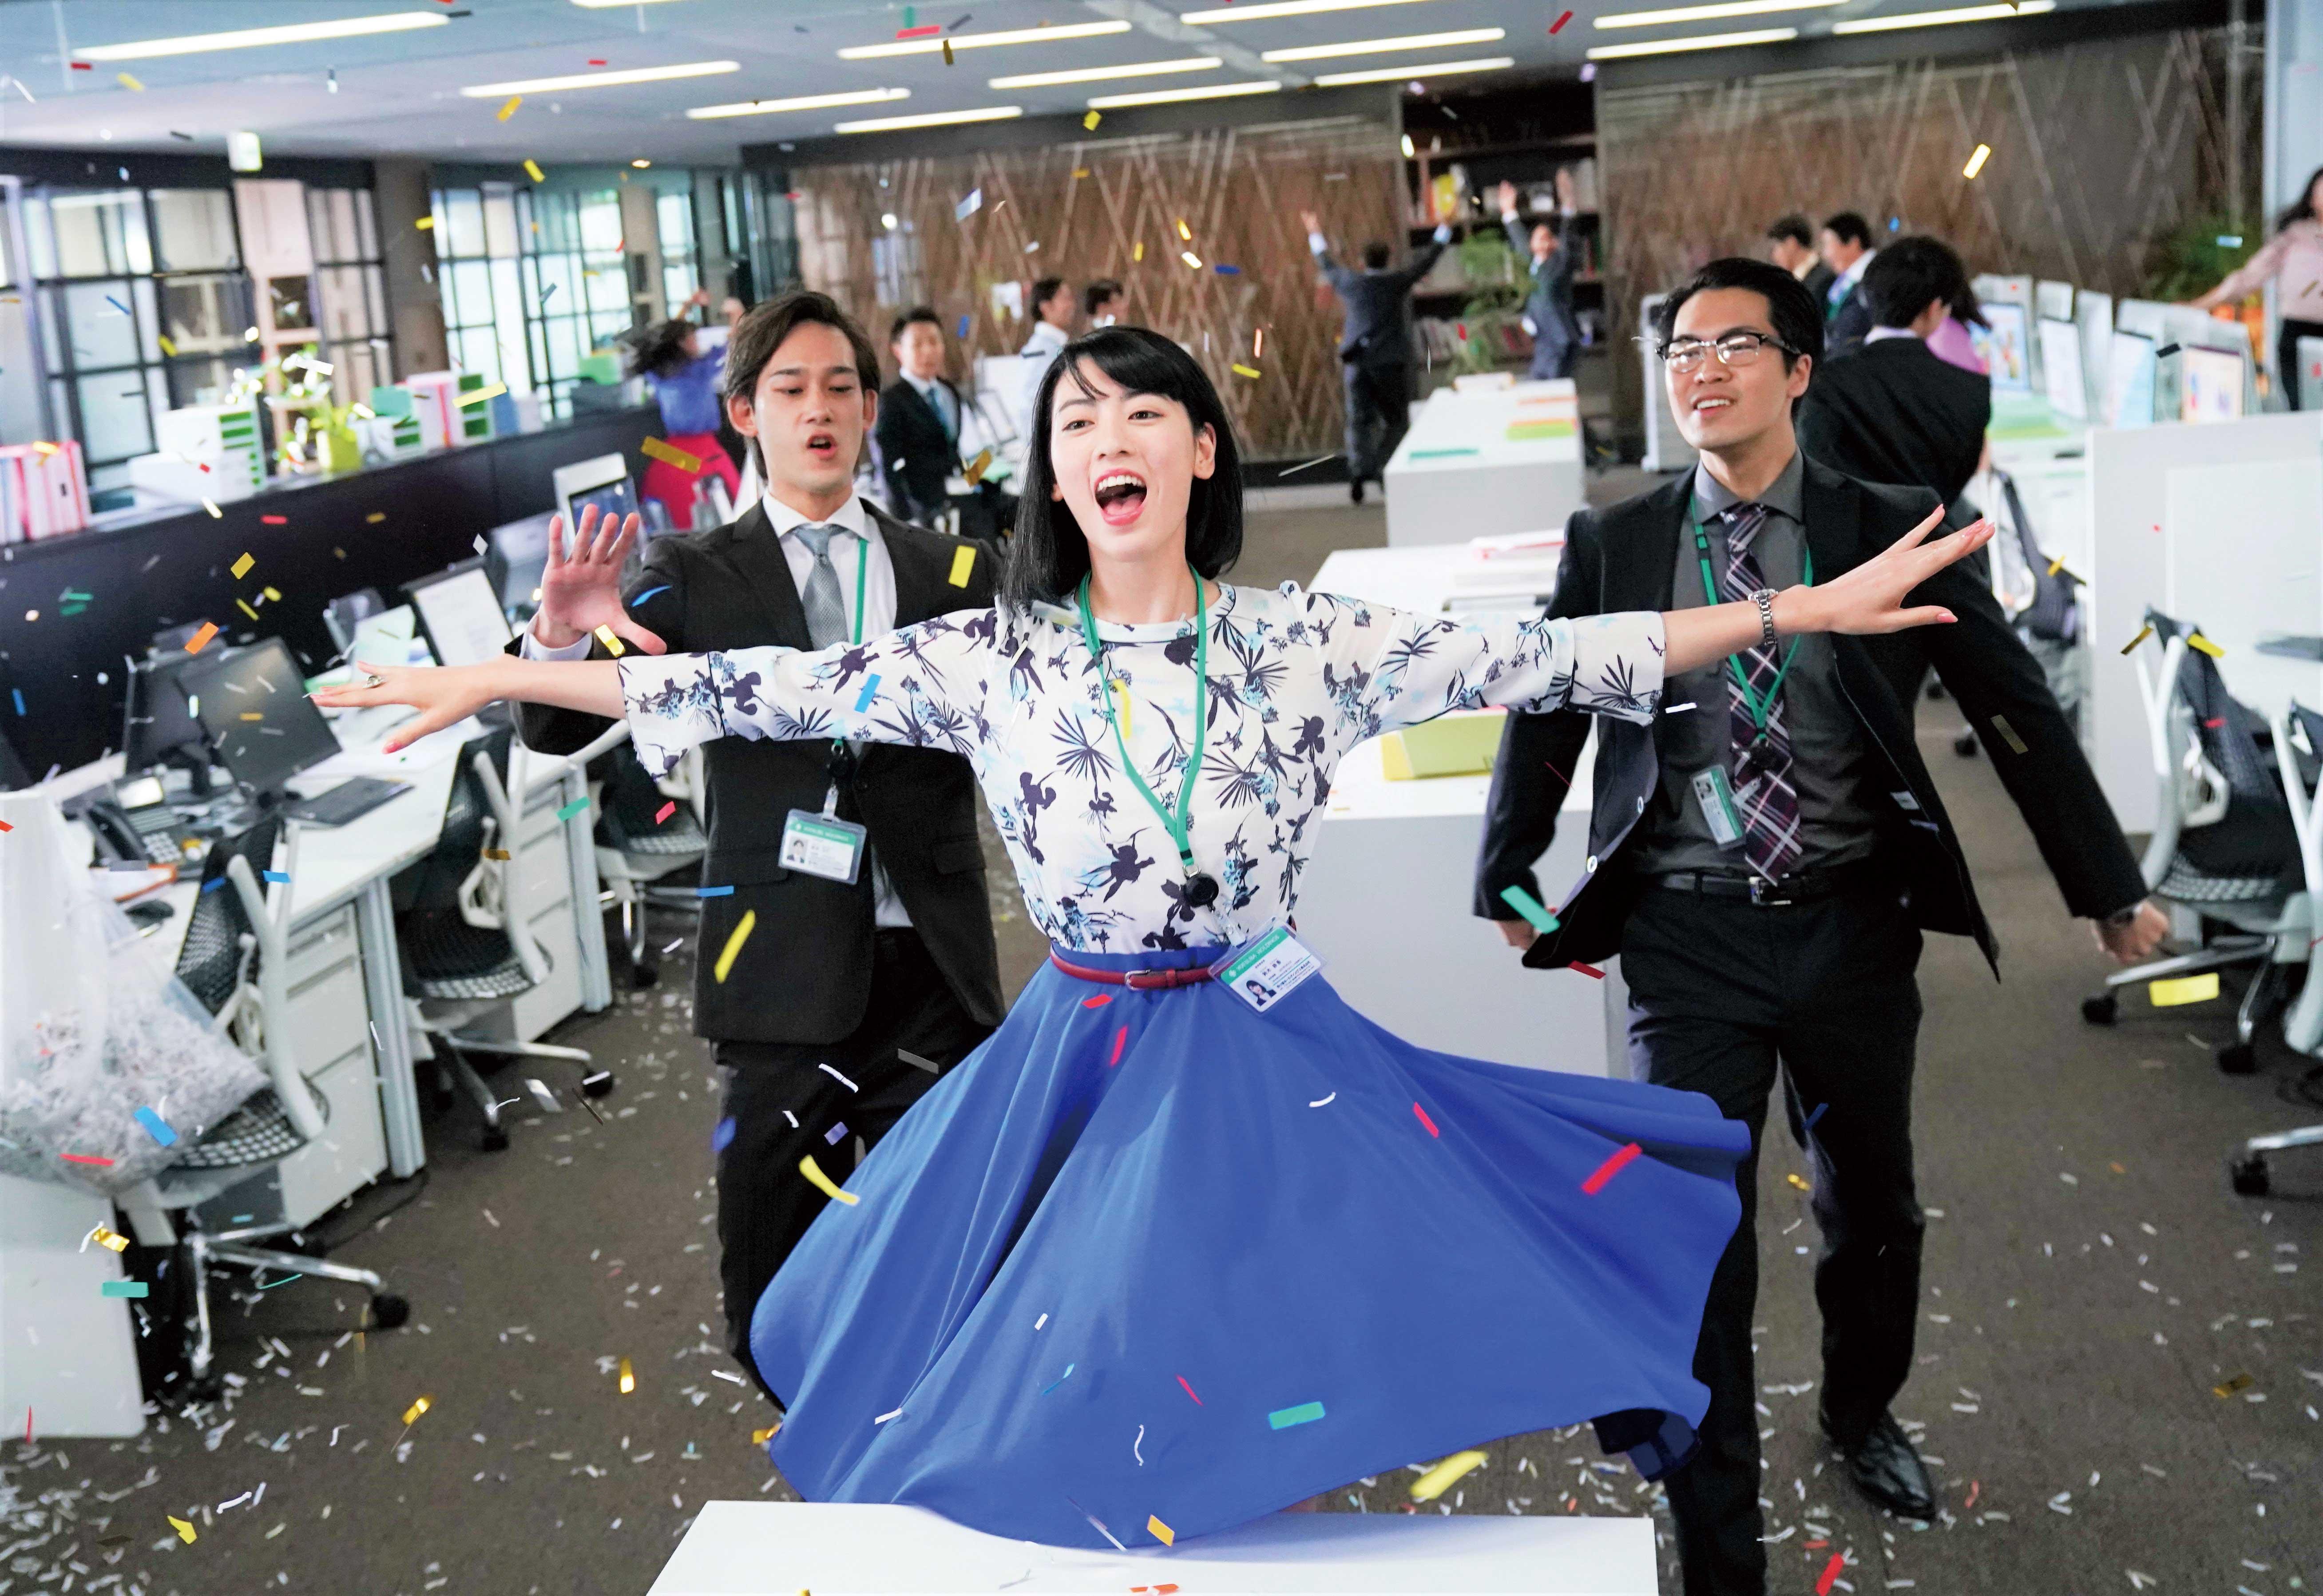 歌って♪ 踊って♪ 笑って♪ かつてないコメディ・ミュージカル『ダンスウィズミー』は8月16日より全国ロードショー!